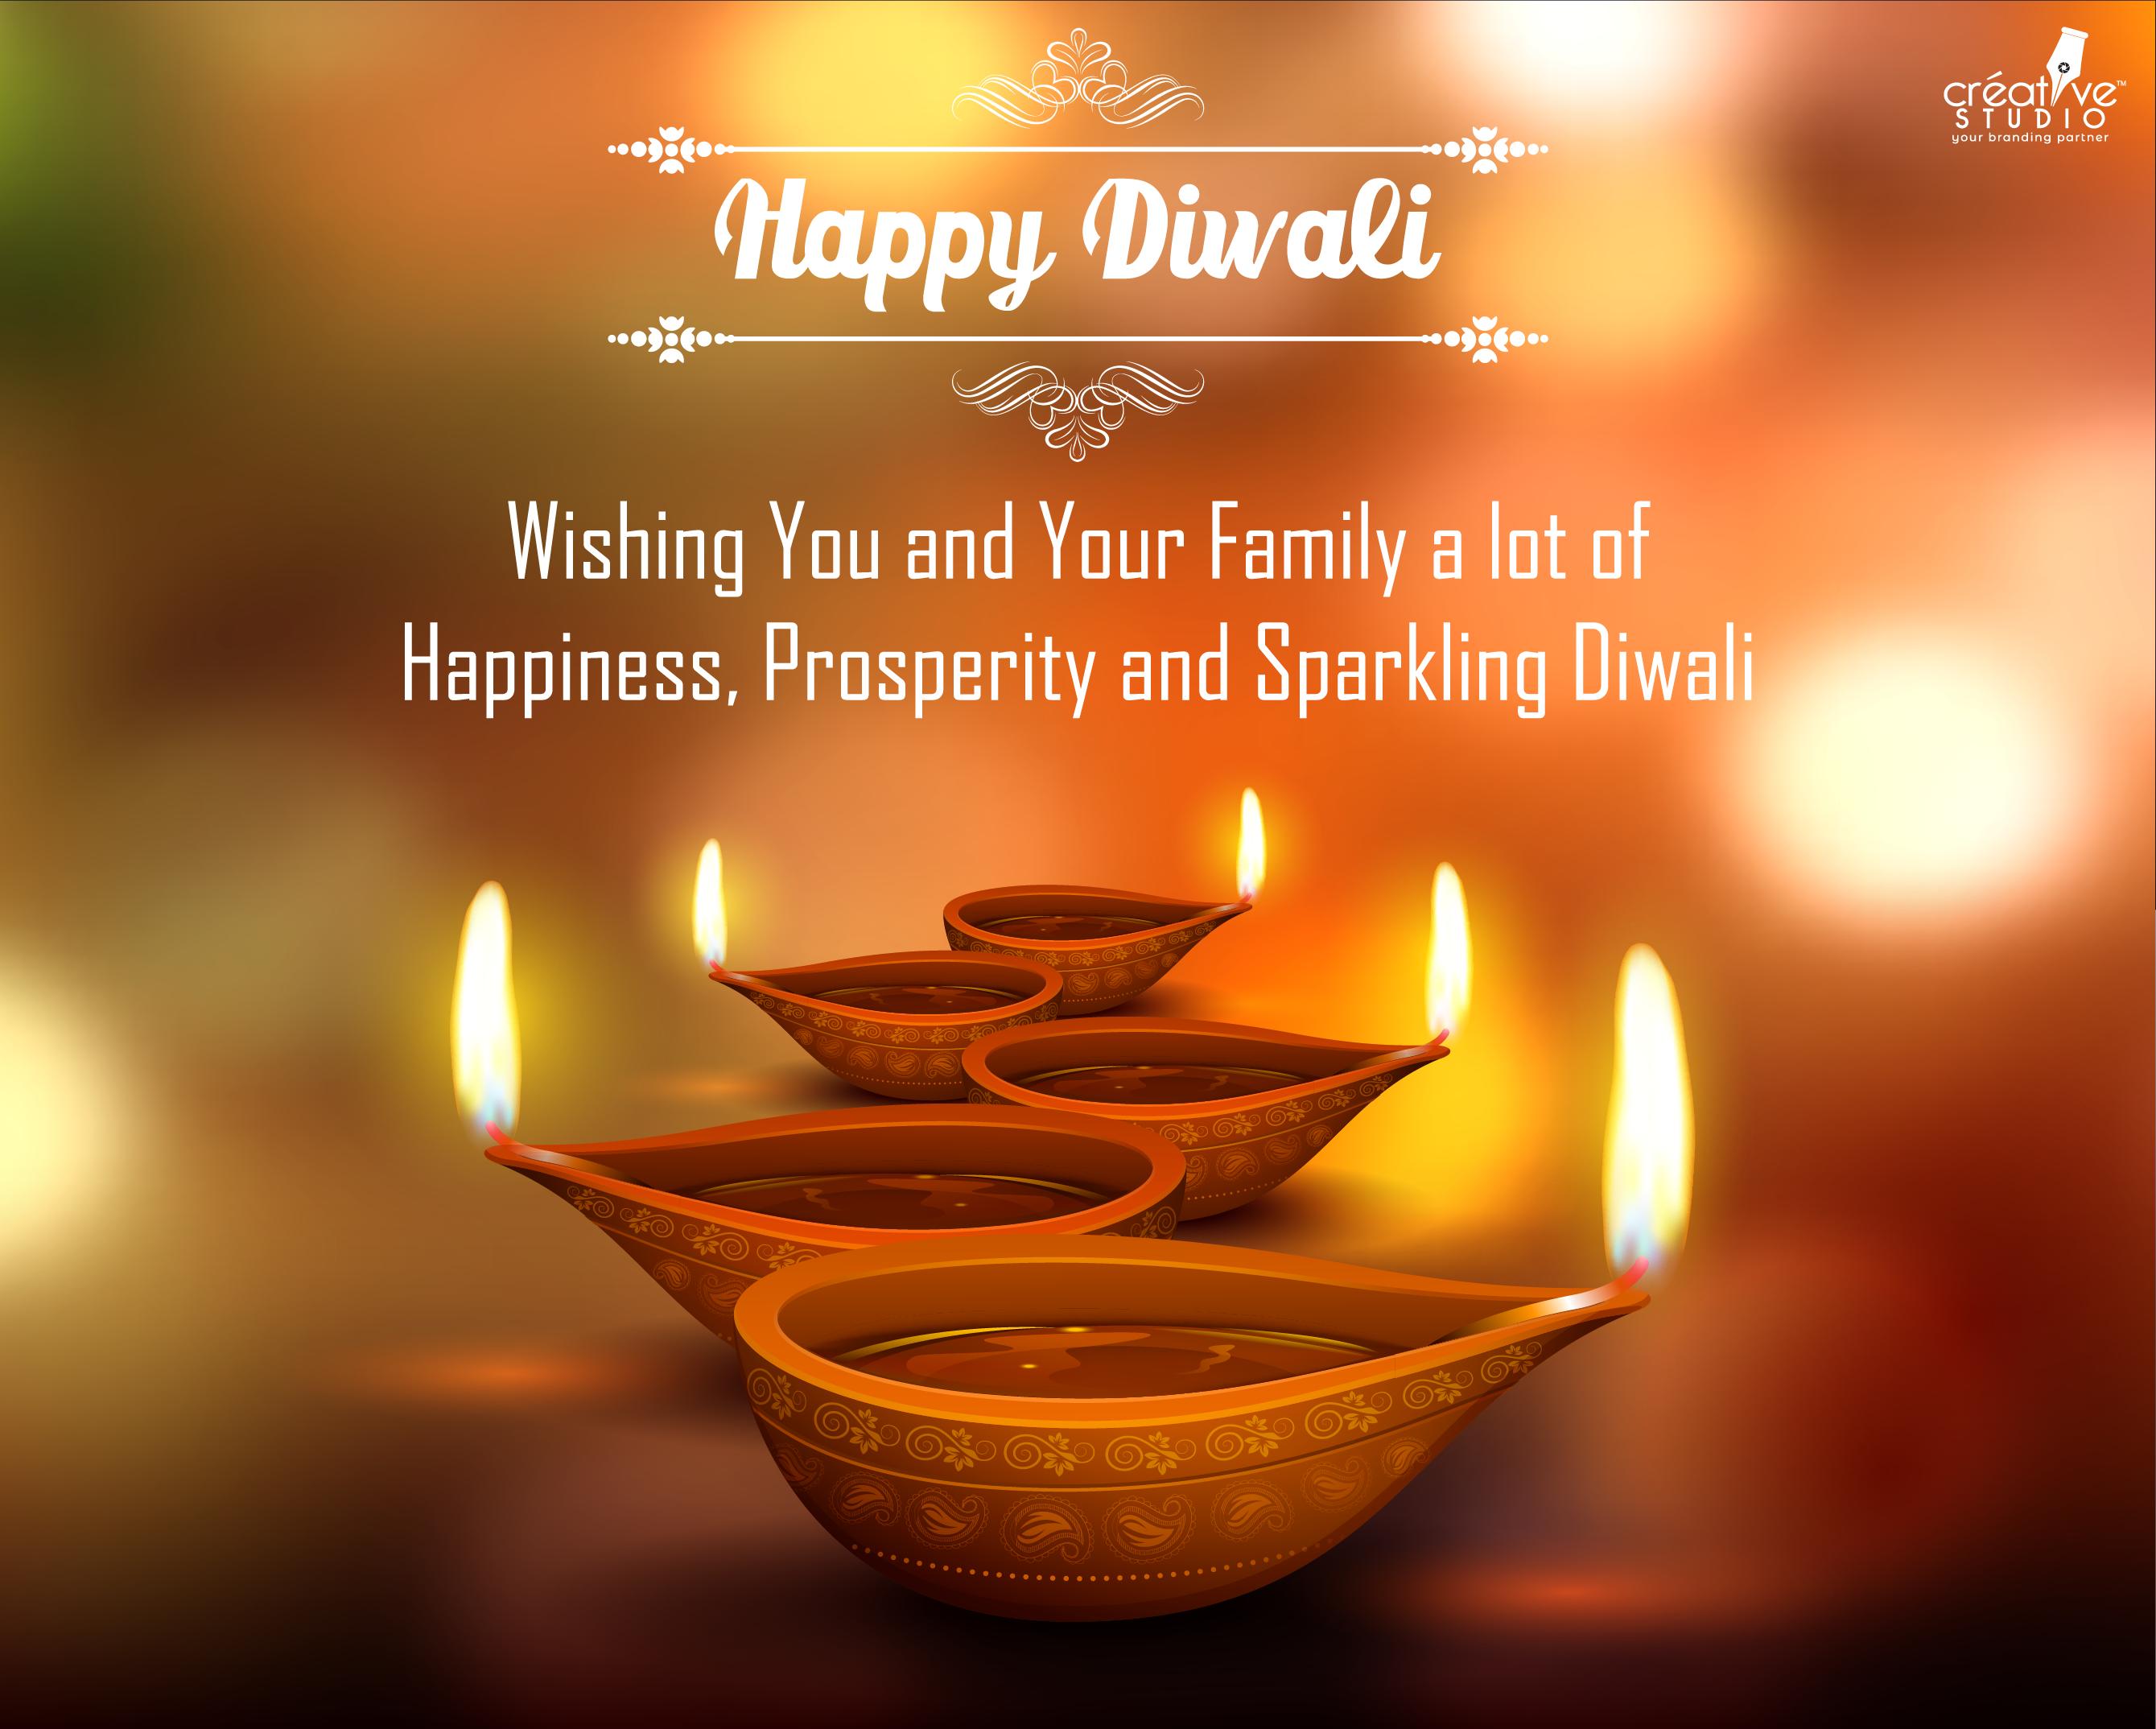 diwali 03 - Happy Diwali